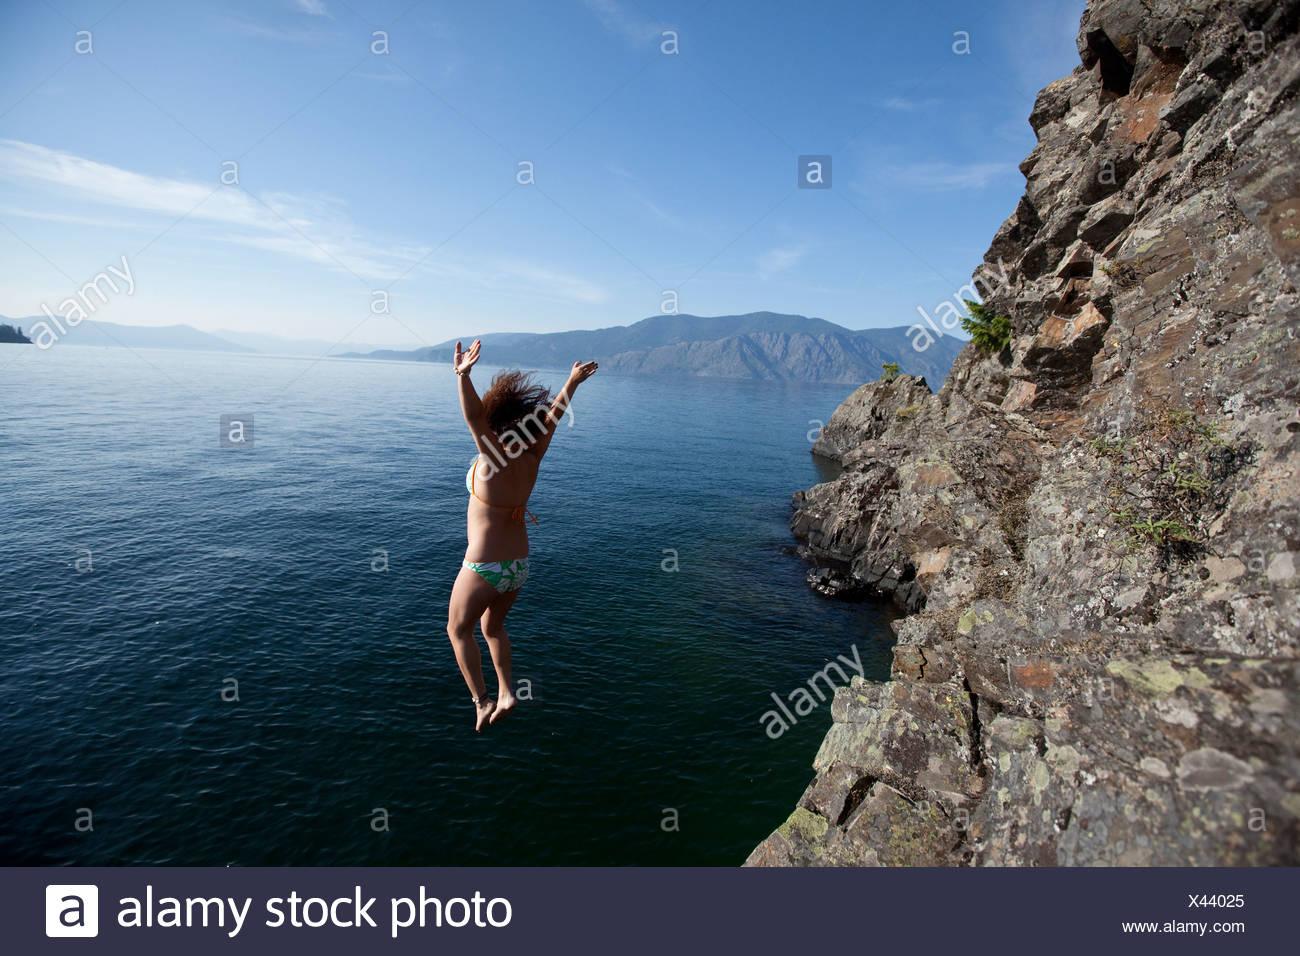 Weibchen in einen See in Idaho von kleinen Klippe zu springen. Stockbild